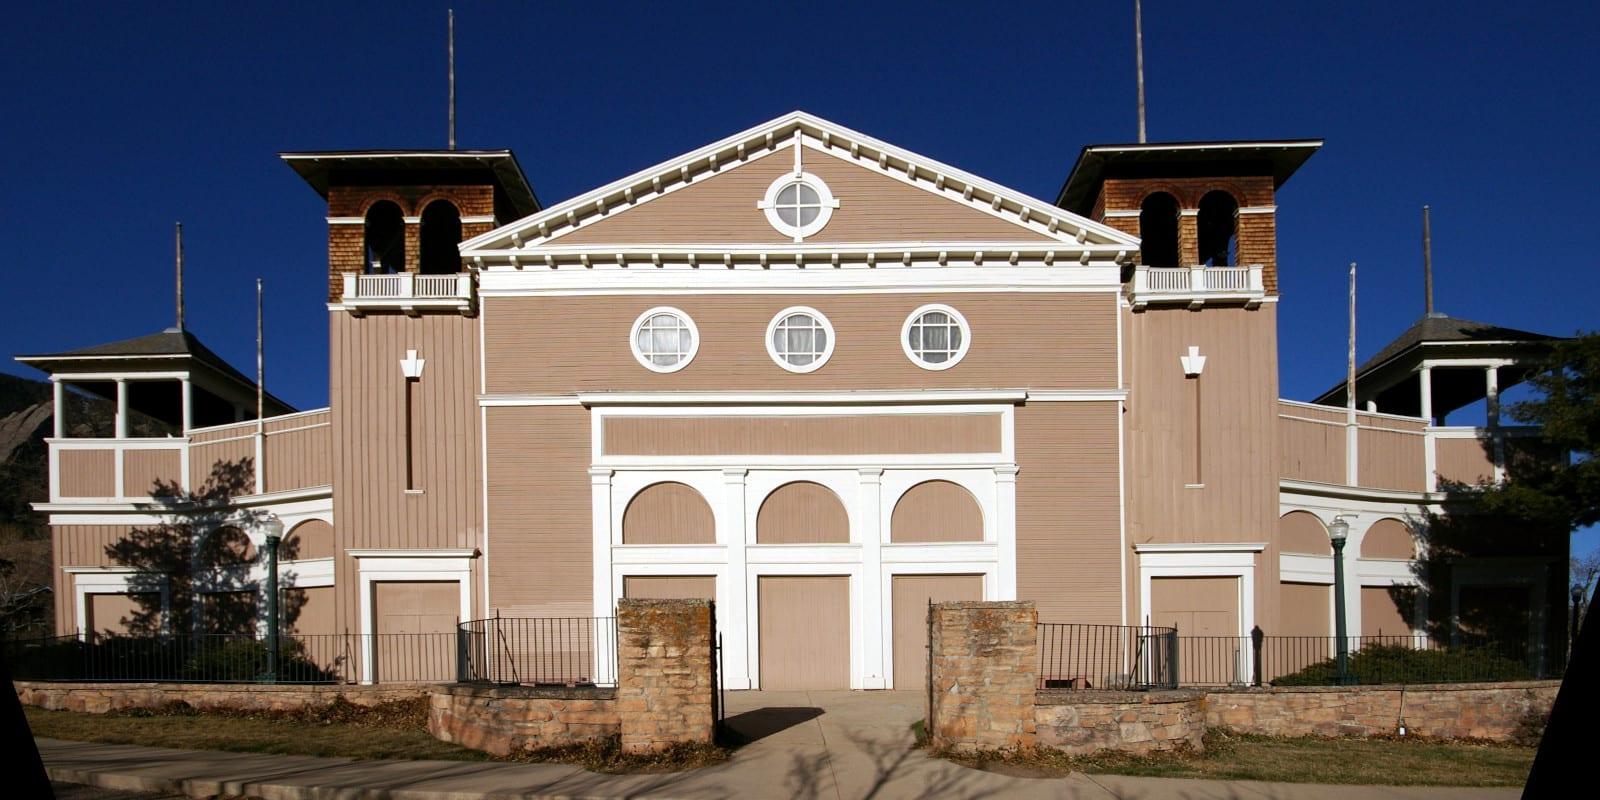 Chautauqua Auditorium in Boulder, CO